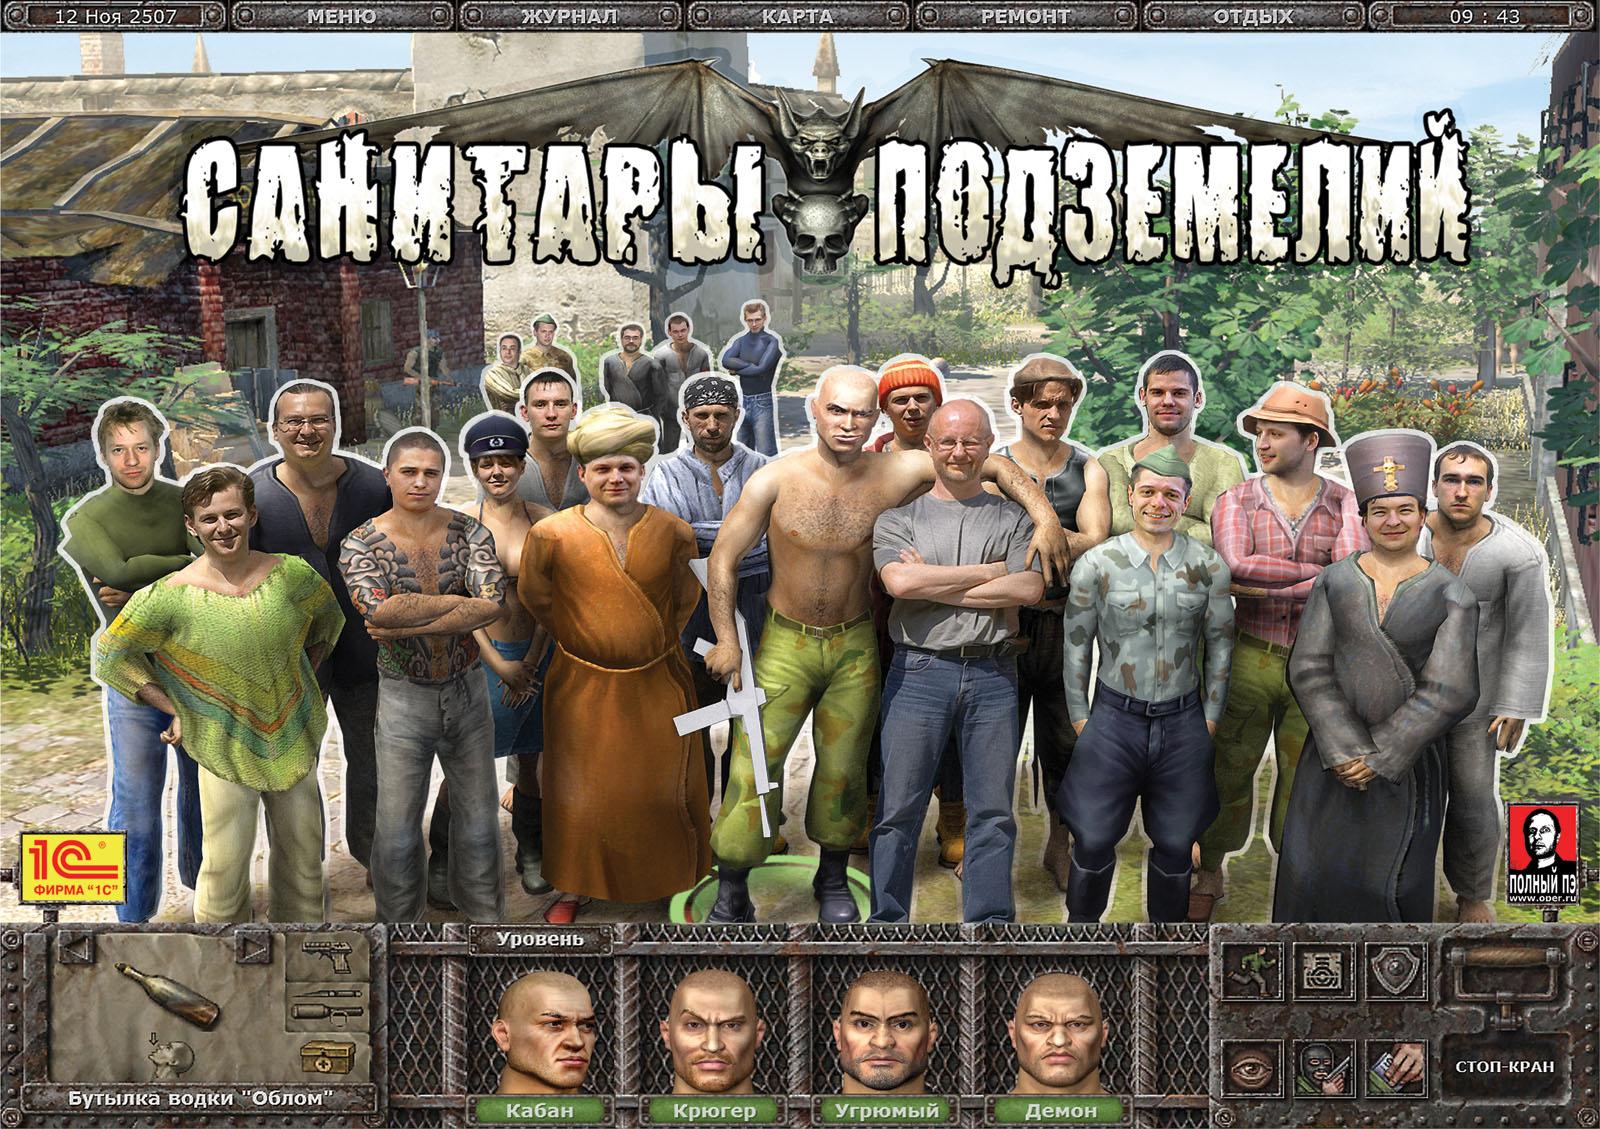 Команда Санитаров